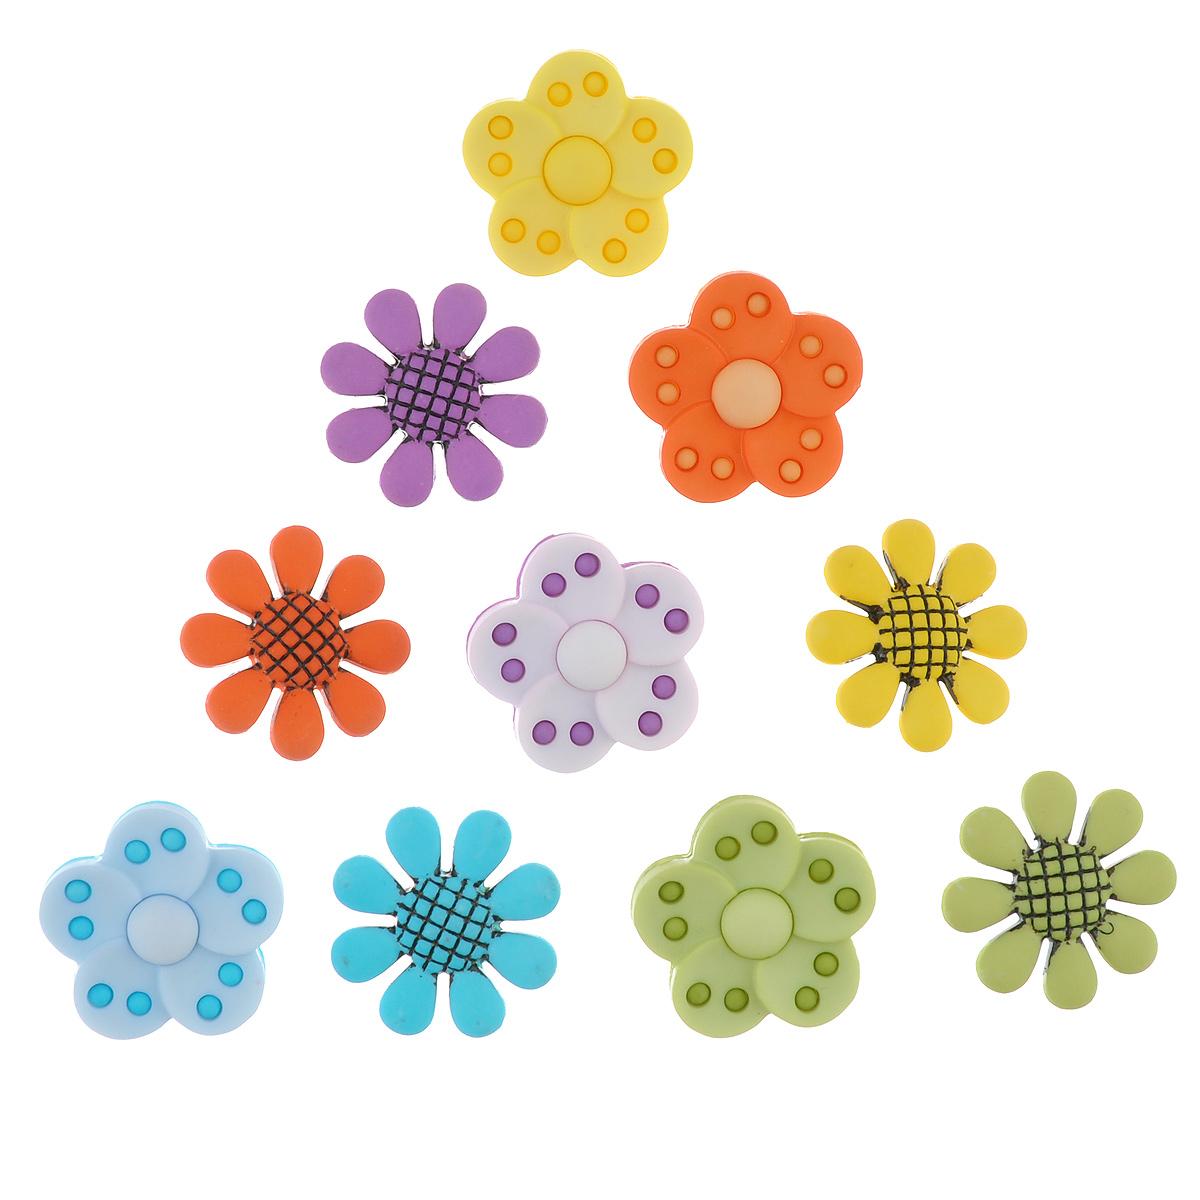 Пуговицы декоративные Buttons Galore & More Craft Buttons, 10 шт7708794Набор Buttons Galore & More Craft Buttons состоит из 10 декоративных пуговиц на ножке, выполненных из пластика в форме разноцветных цветов. Предметы набора подходят для любых видов творчества: скрапбукинга, декорирования, шитья, изготовления кукол, а также для оформления одежды. С их помощью вы сможете украсить открытку, фотографию, альбом, подарок и другие предметы ручной работы. Изделия имеют оригинальный и яркий дизайн. Размер пуговиц: 2,1 см х 2,1 см х 1 см, 2,3 см х 2,3 см х 0,8 см.